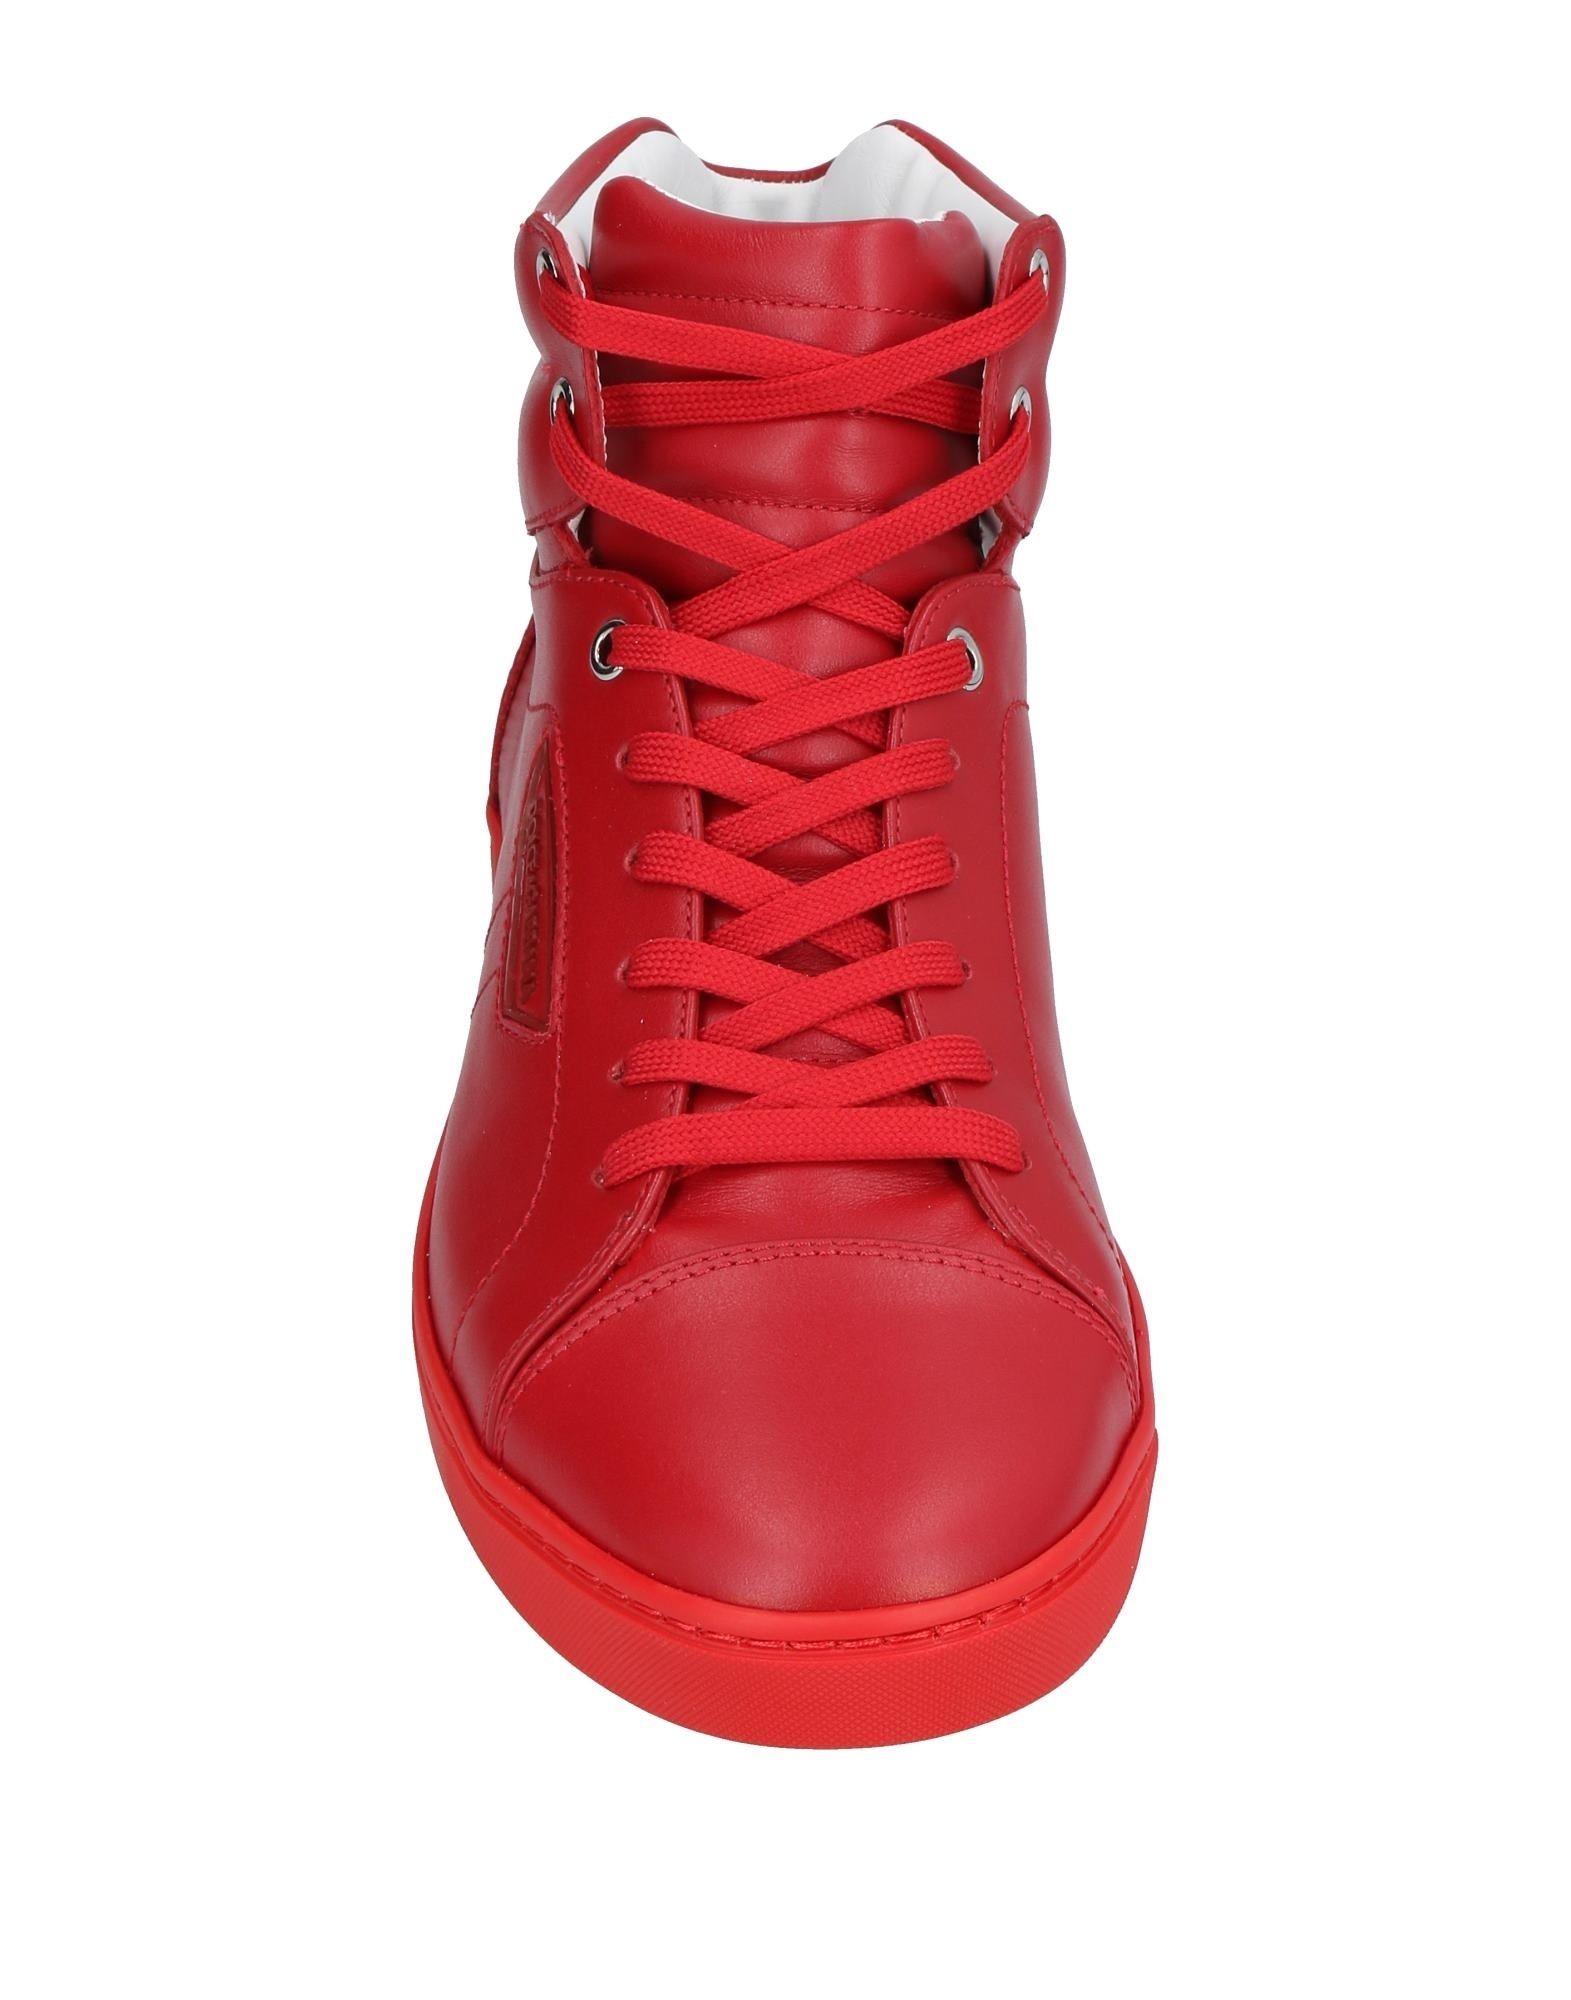 Dolce & Gabbana Sneakers Herren  11400385EG Neue Schuhe Schuhe Schuhe 1a0545